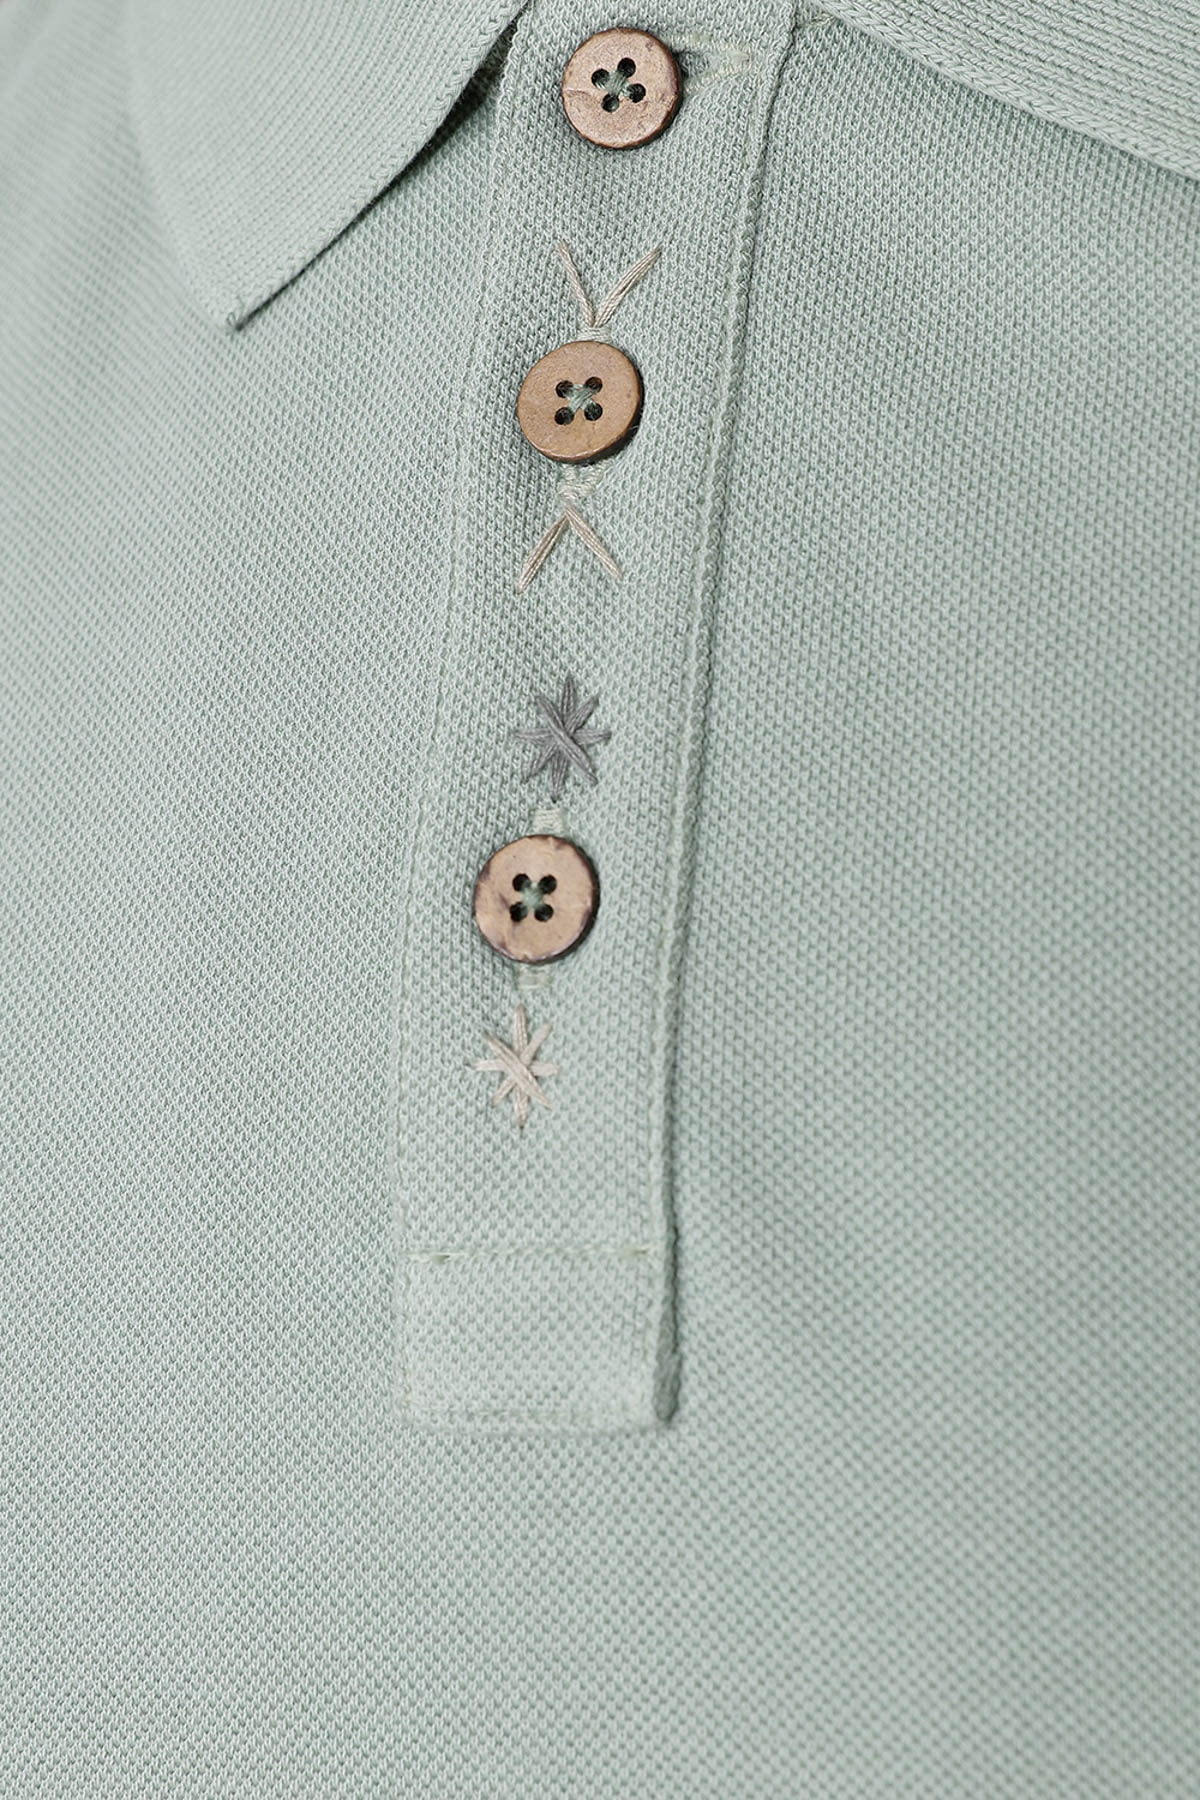 W Collection Erkek Yeşil Polo Yaka T-Shirt 2